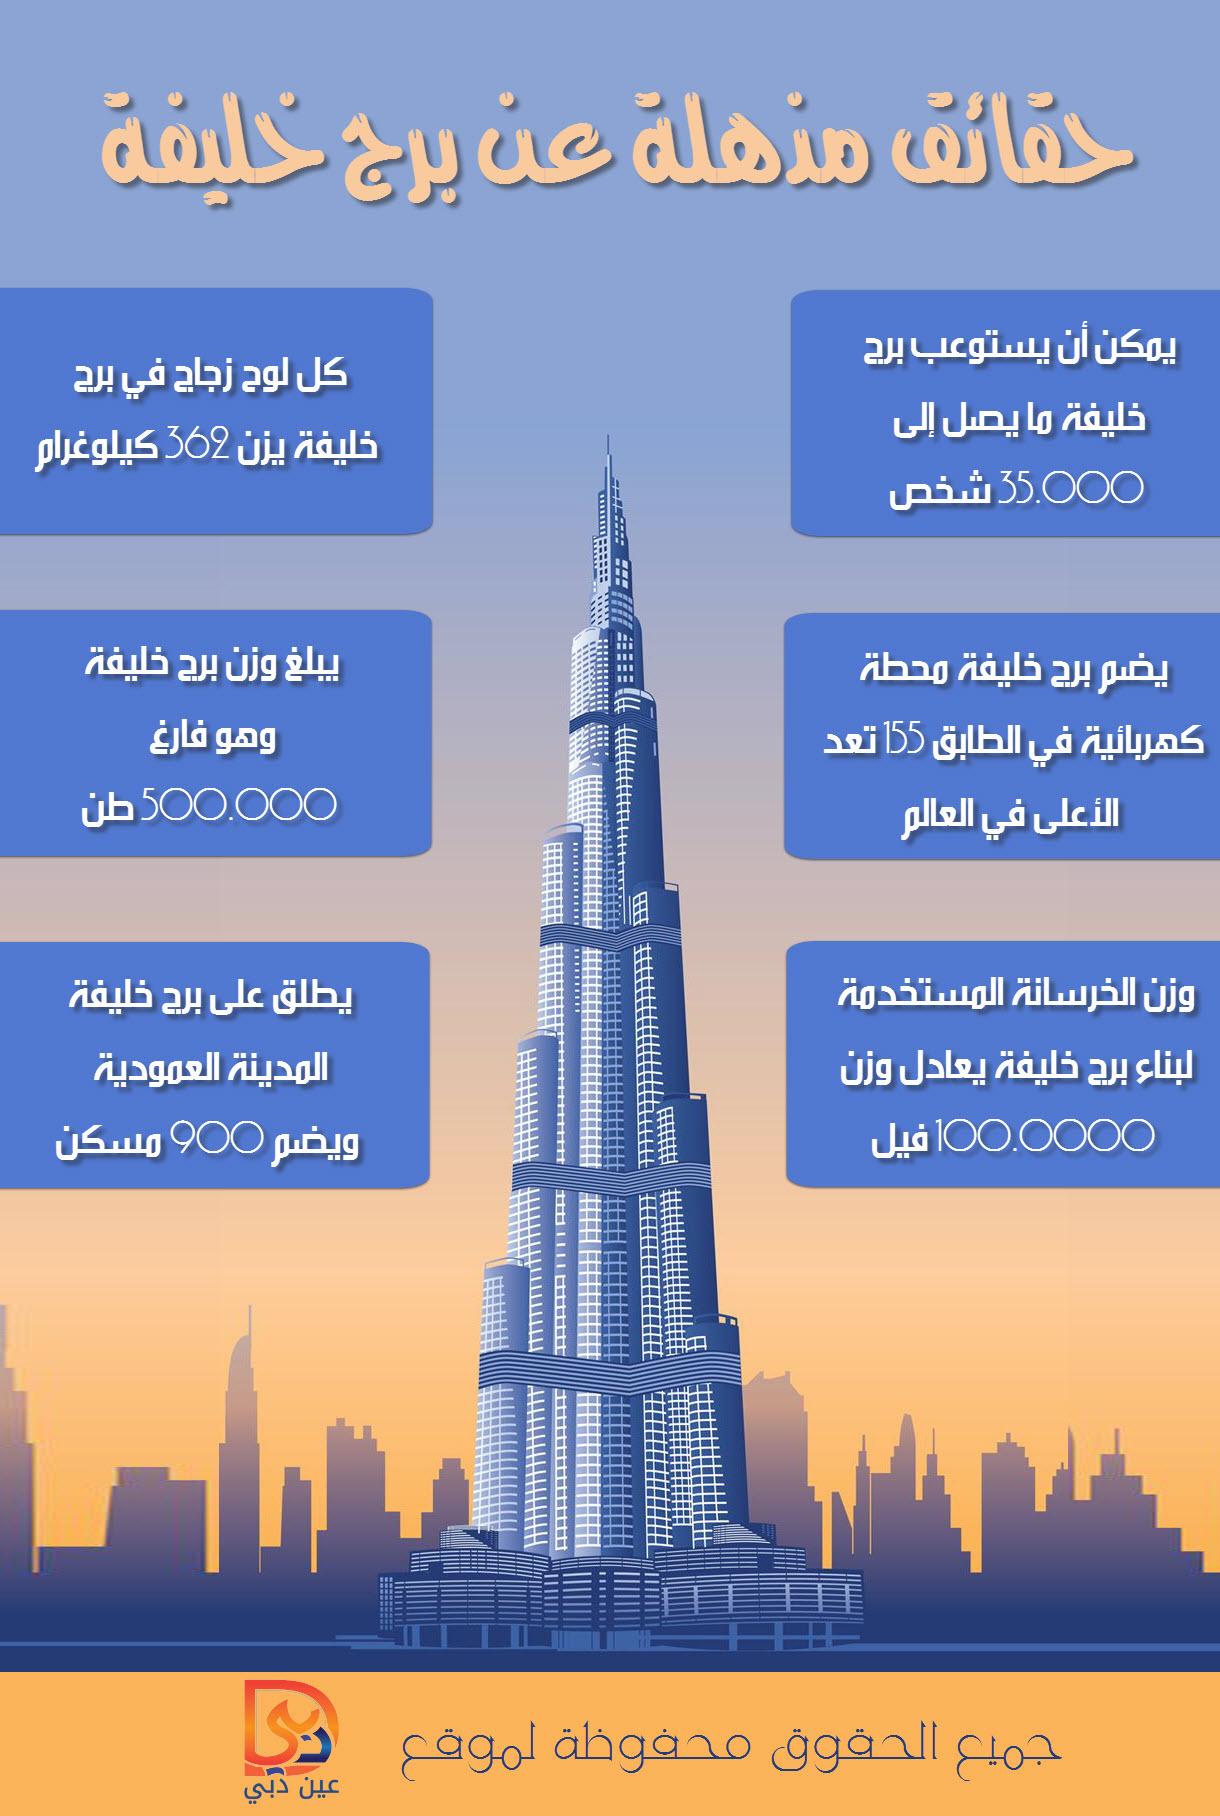 معلومات عن برج خليفة في دبي شبكة روايتي الثقافية